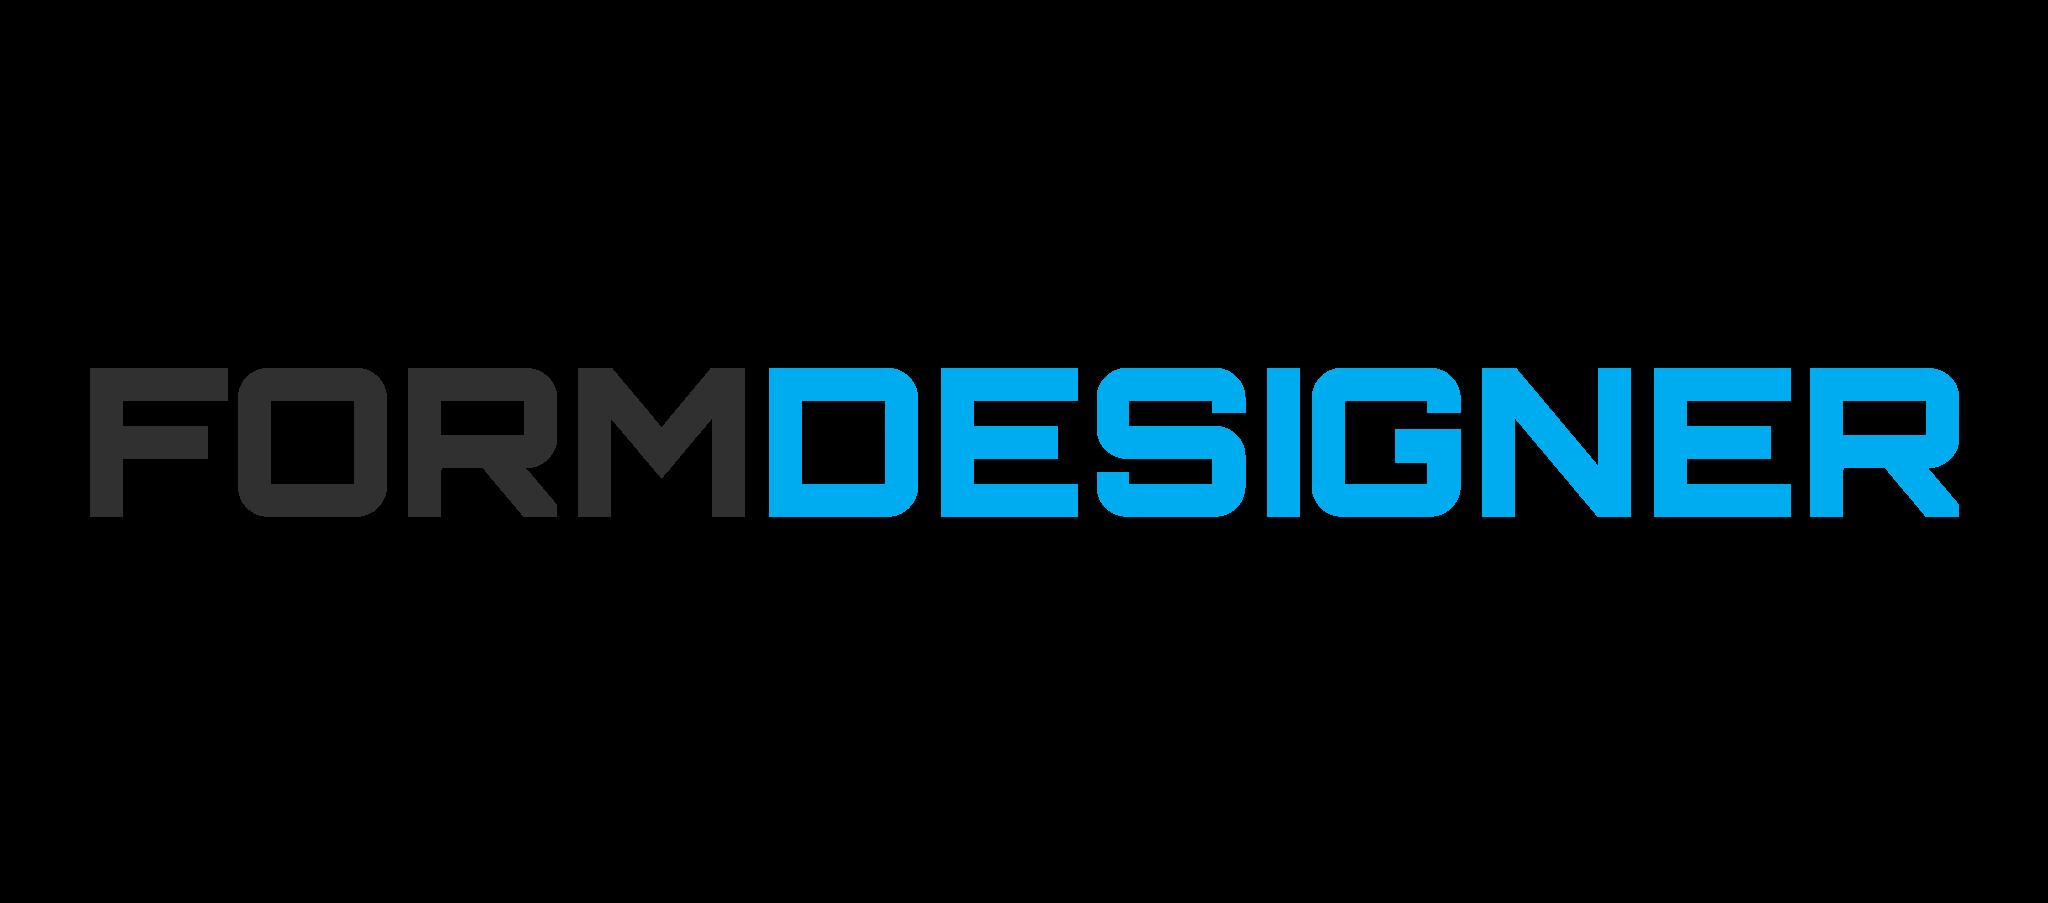 FormDesigner.ru - онлайн конструктор веб-форм для создания: формы обратной связи, квиза, формы опроса или голосования, формы заказа и онлайн калькулятора.